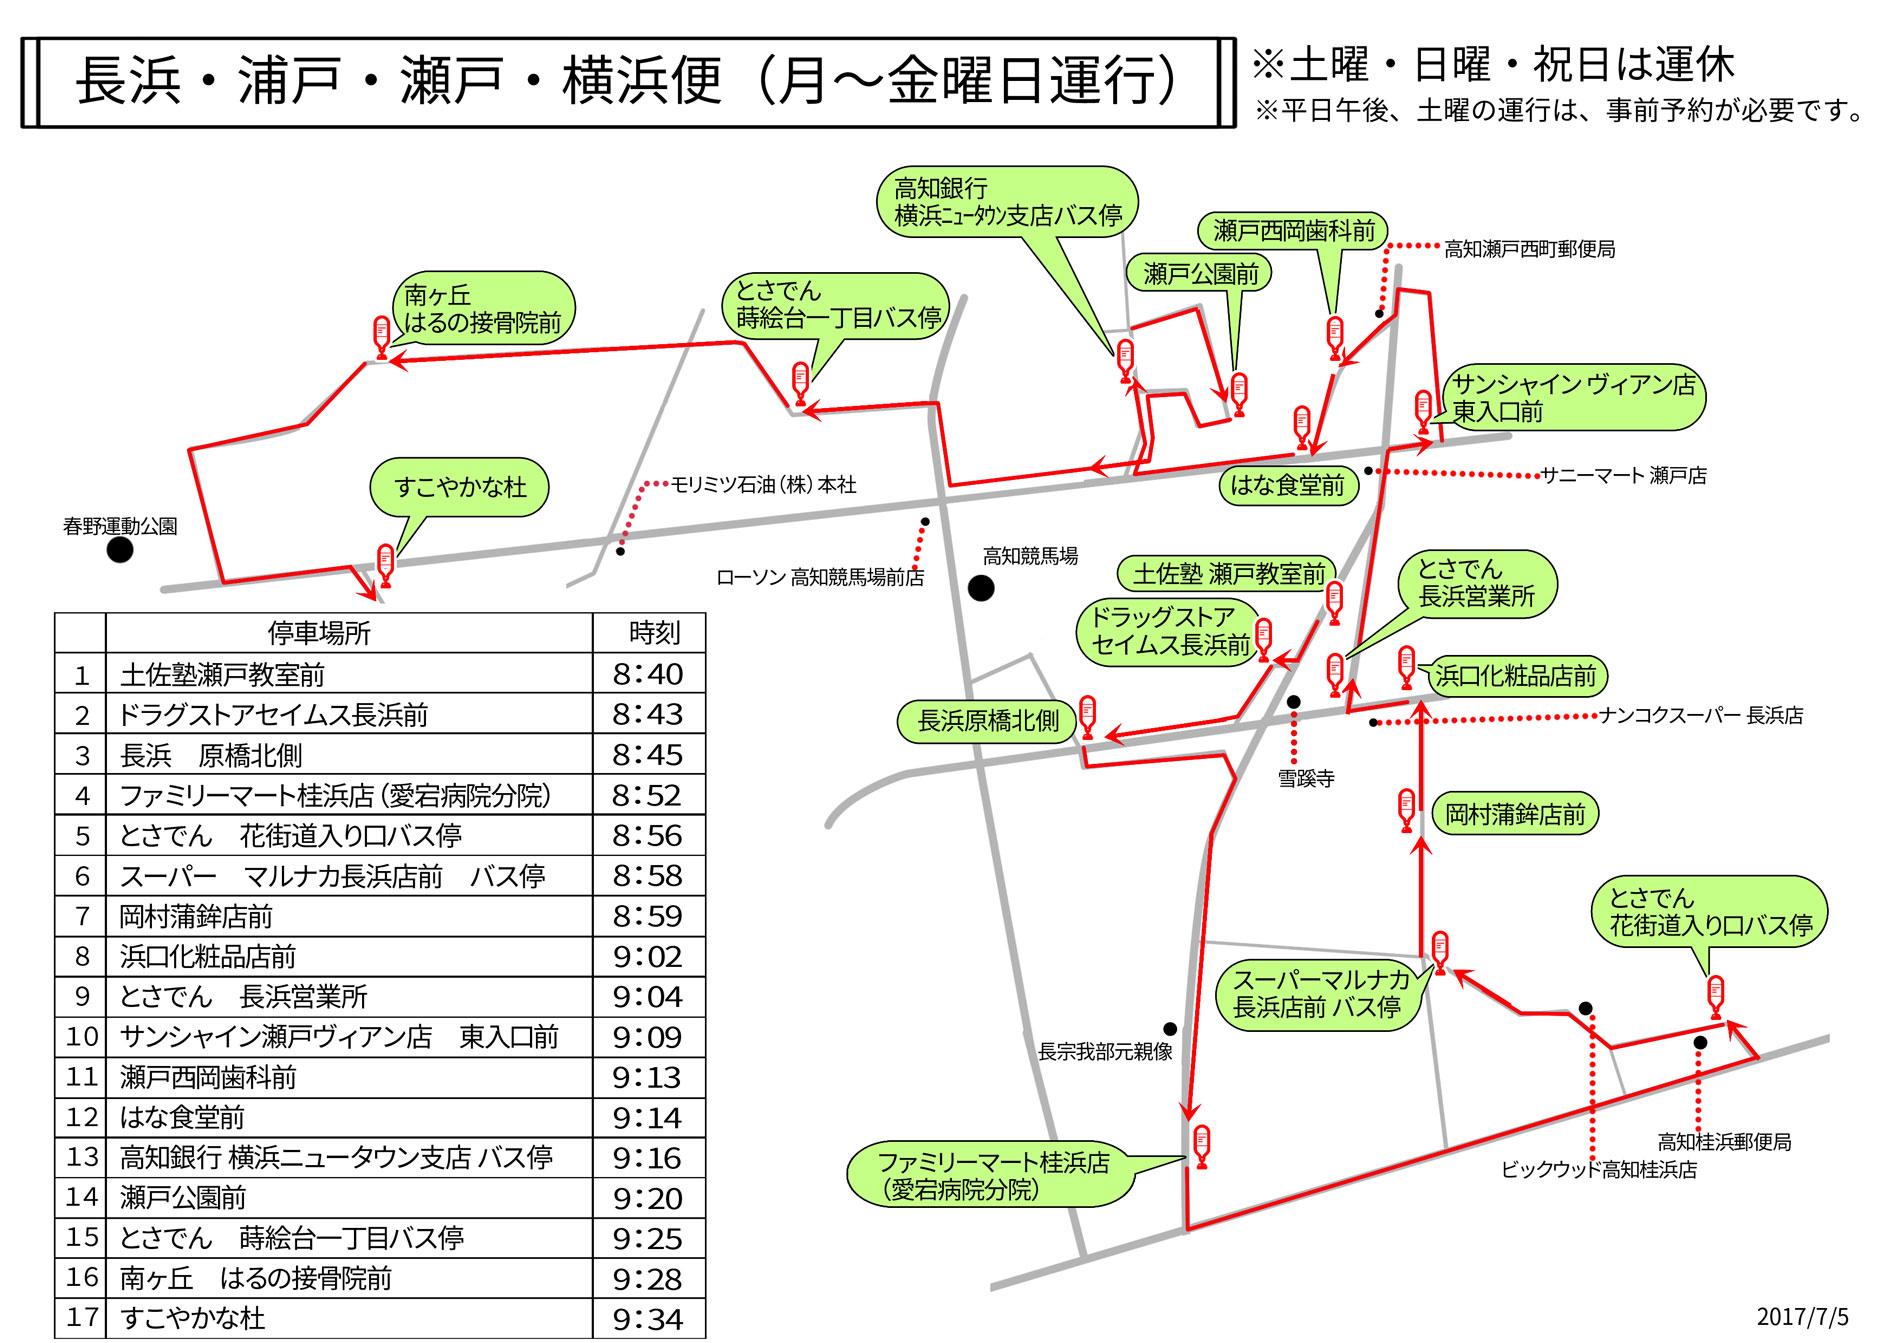 長浜/浦戸/瀬戸/横浜線